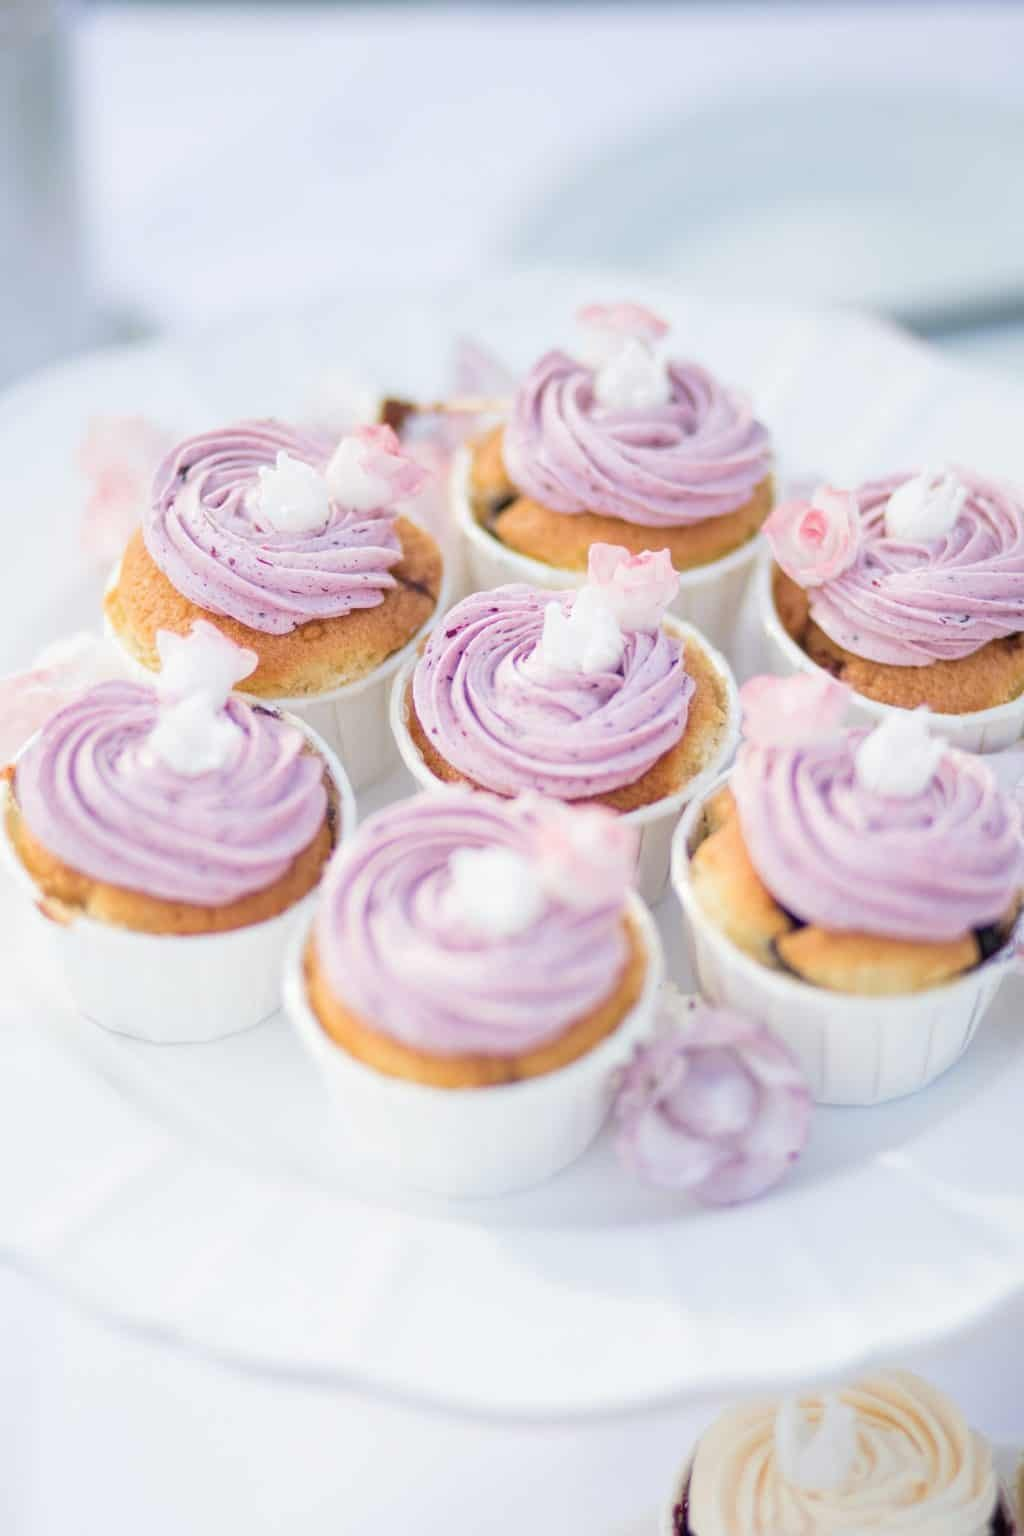 Hochzeit von Tine und Phillip in Münster: Cup Cakes mit Rosen verziert